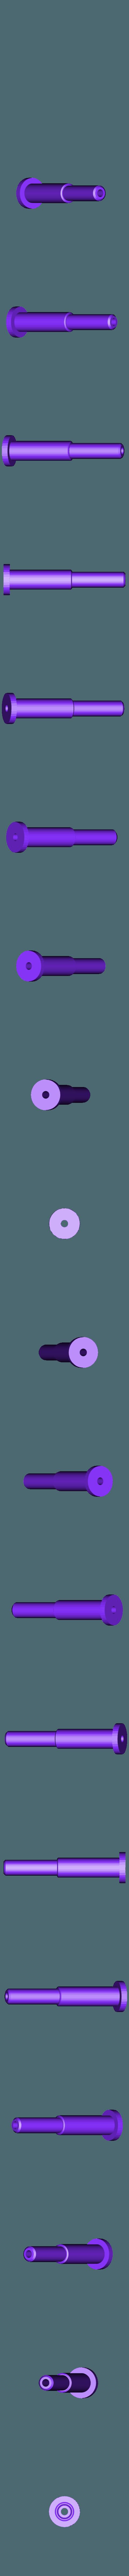 foster_male_insert_type_1.stl Télécharger fichier STL gratuit Ghostbuster Ghostbuster Ghosttrap • Modèle pour impression 3D, SLIDES